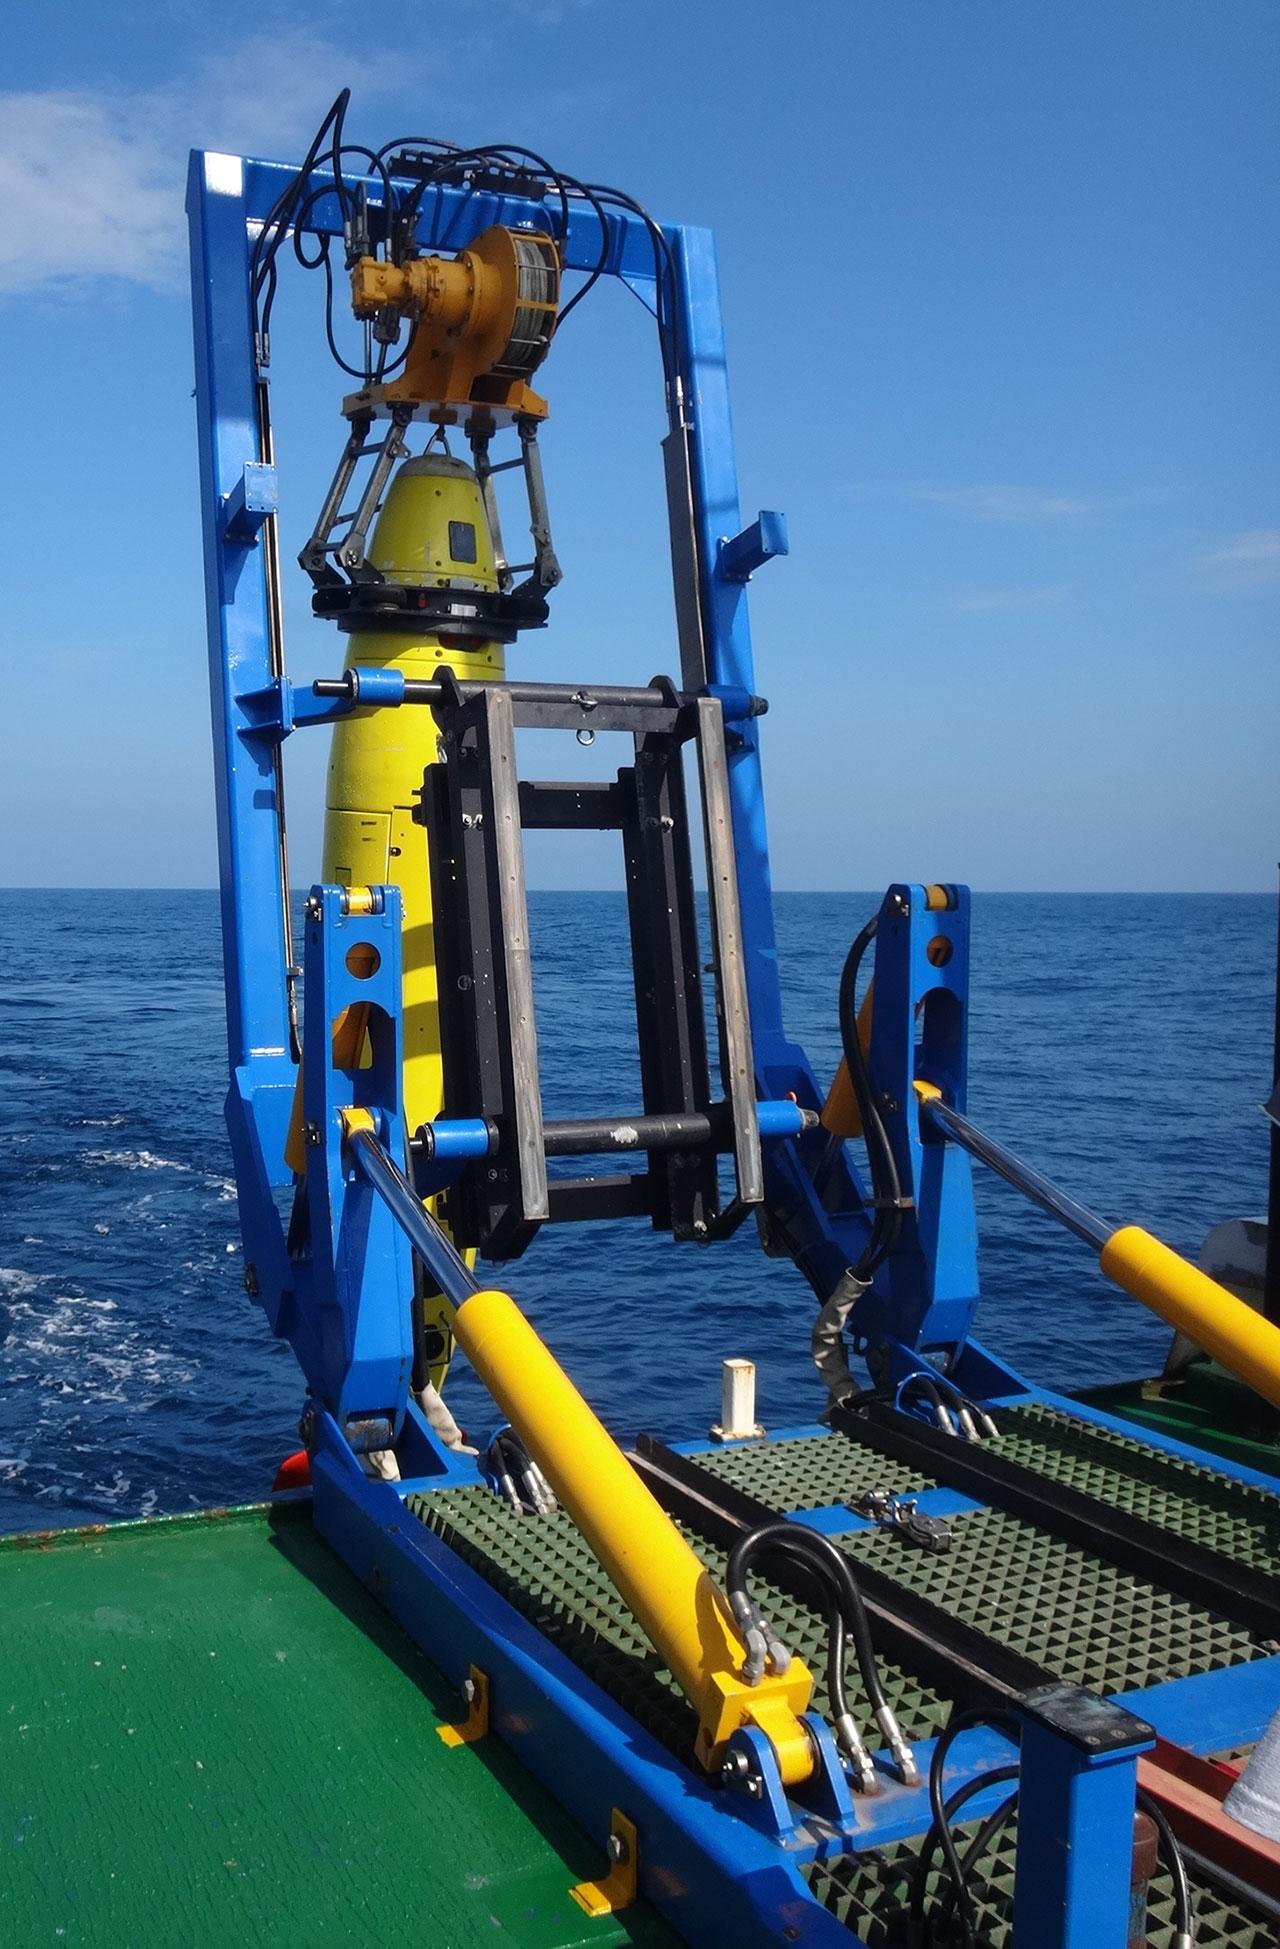 REMUS 6000, un vehículo submarino autónomo